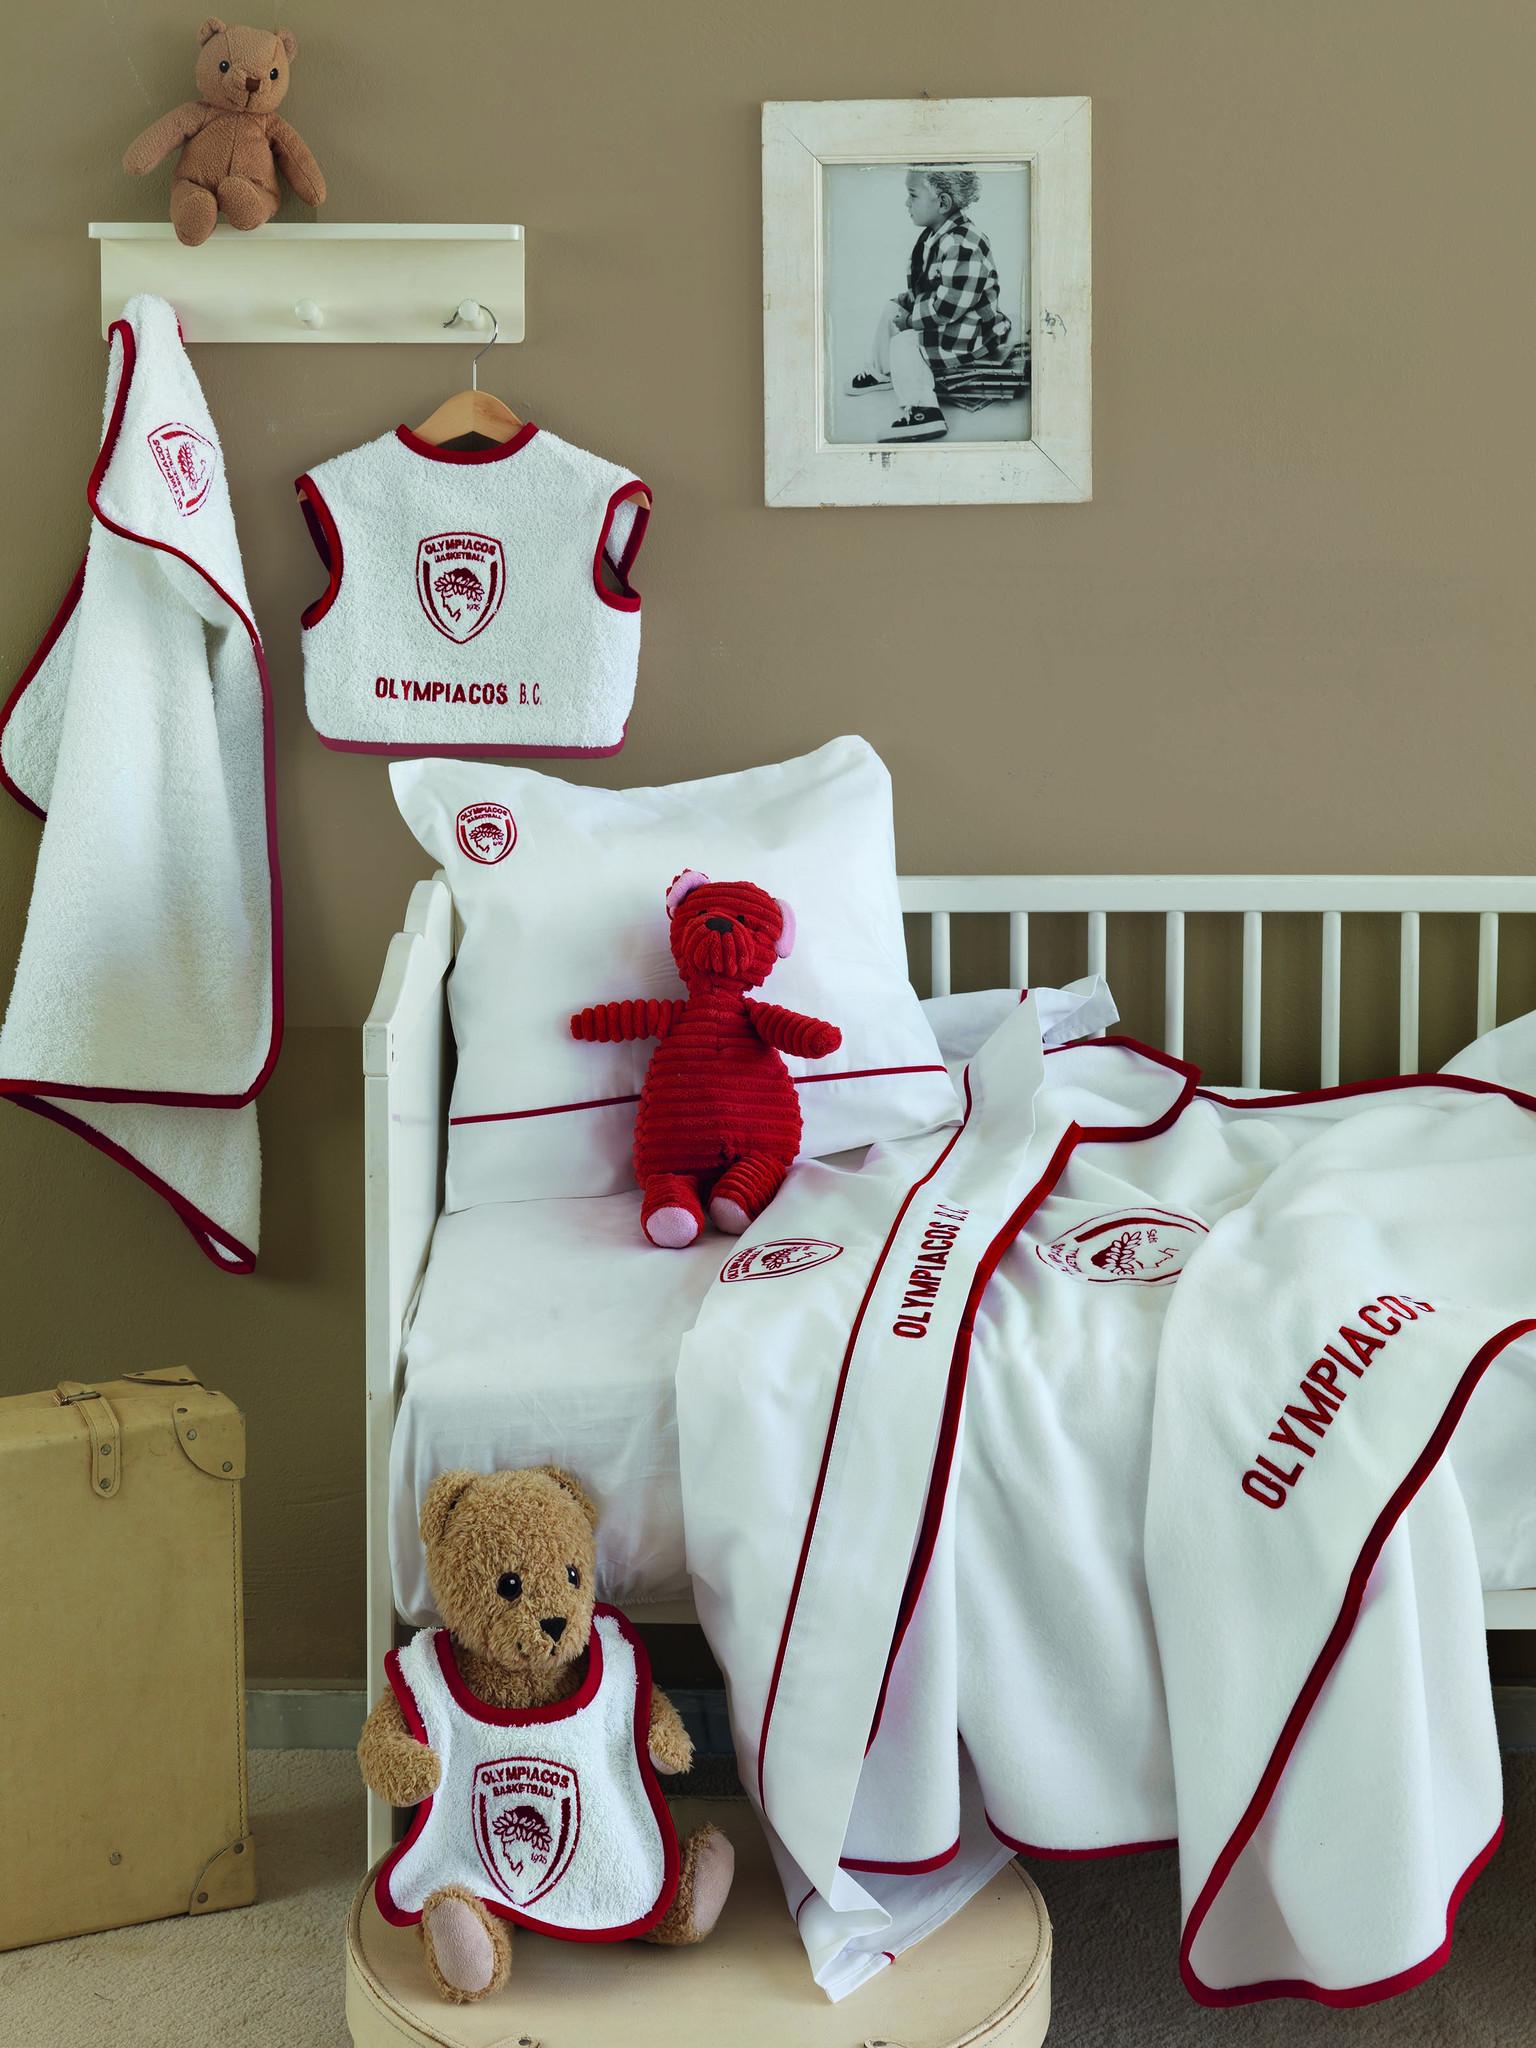 Βρεφικό (Σετ 3 Τμχ) Πετσέτες Λουτρού Palamaiki Olympiacos baby team-ΟΣΦΠ-Ολυμπια πετσέτες βρεφικές λευκά είδη ολυμπιακός